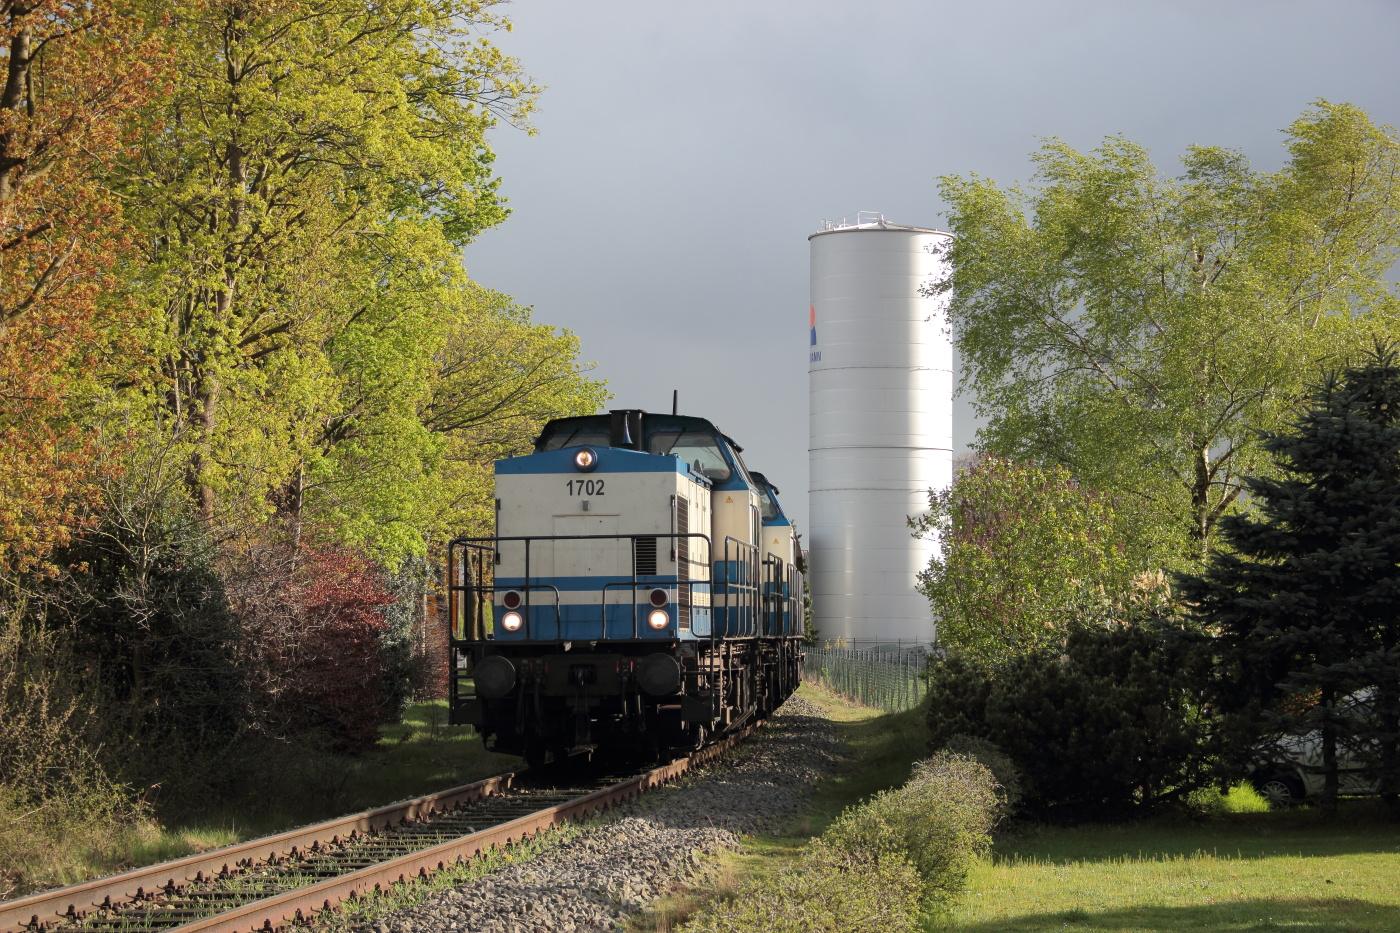 http://www.nachtbahner.de/Fotos/2014-04-14%20Torf-%20u.%20NE-Bahnen%20zwischen%20Weser%20und%20Ems/k-IMG_3088%20Torf-%20u.%20NE-Bahnen%20Weser-Ems%2014.04.14%20(17).JPG